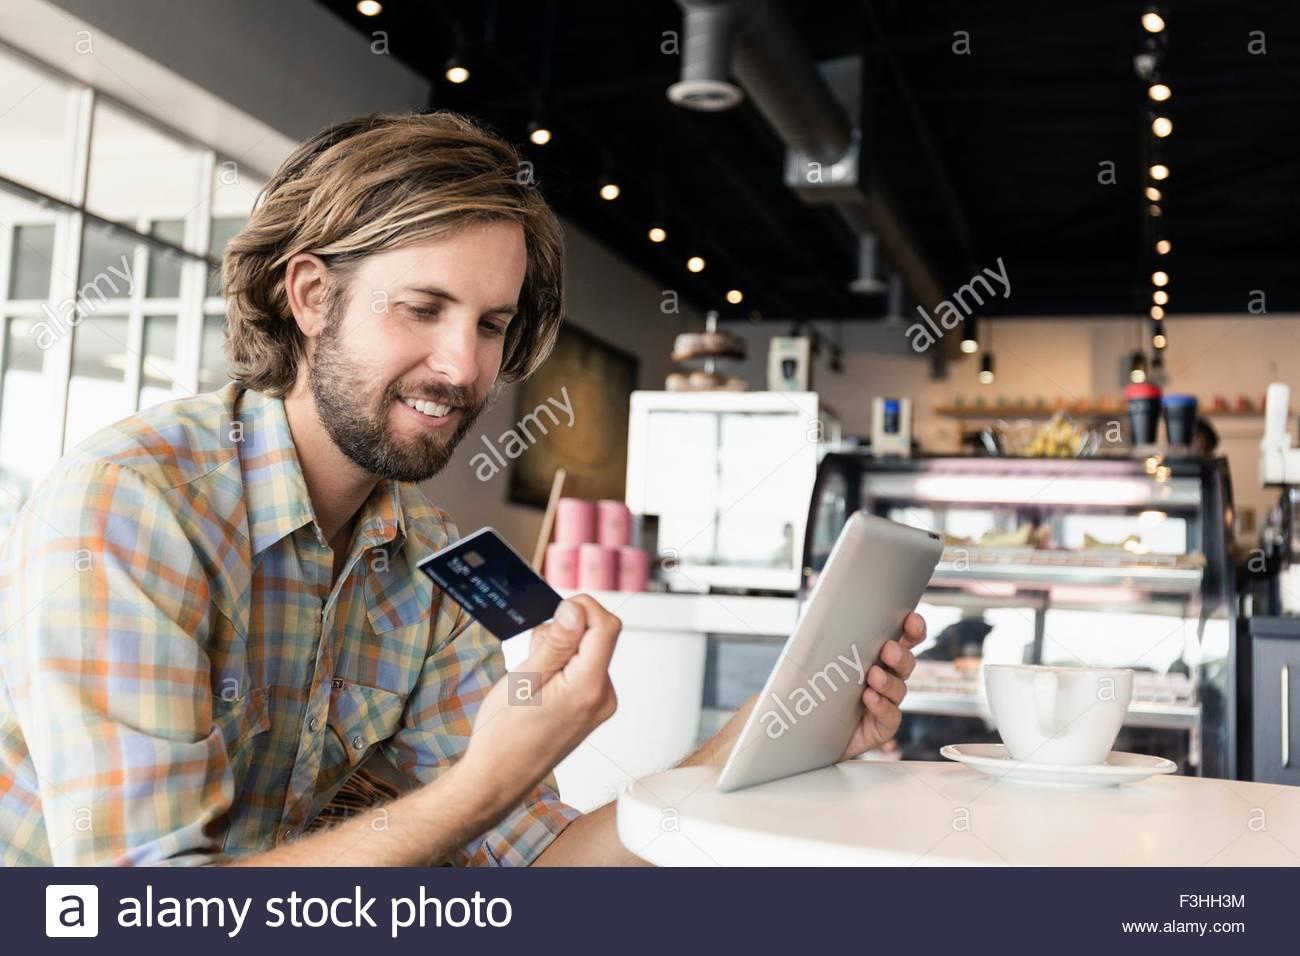 Mitte erwachsenen Mannes in Coffee-Shop, mit digital-Tablette, mit Kreditkarte Stockbild